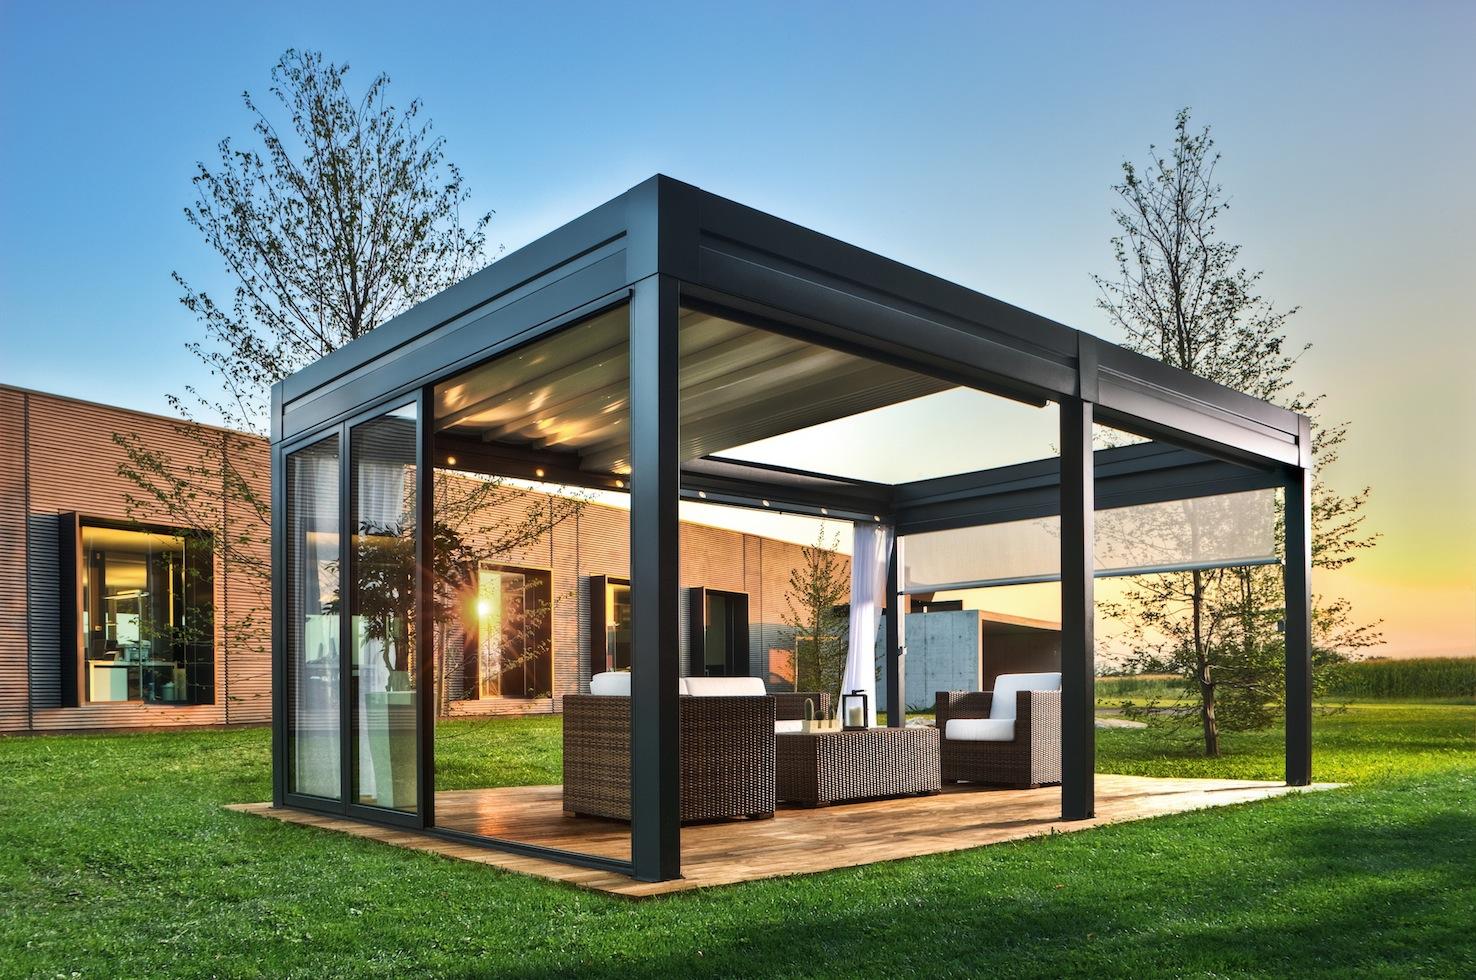 outdoor-pratic-esterno5A08326E0-0490-95B2-C991-A3B6C657E04A